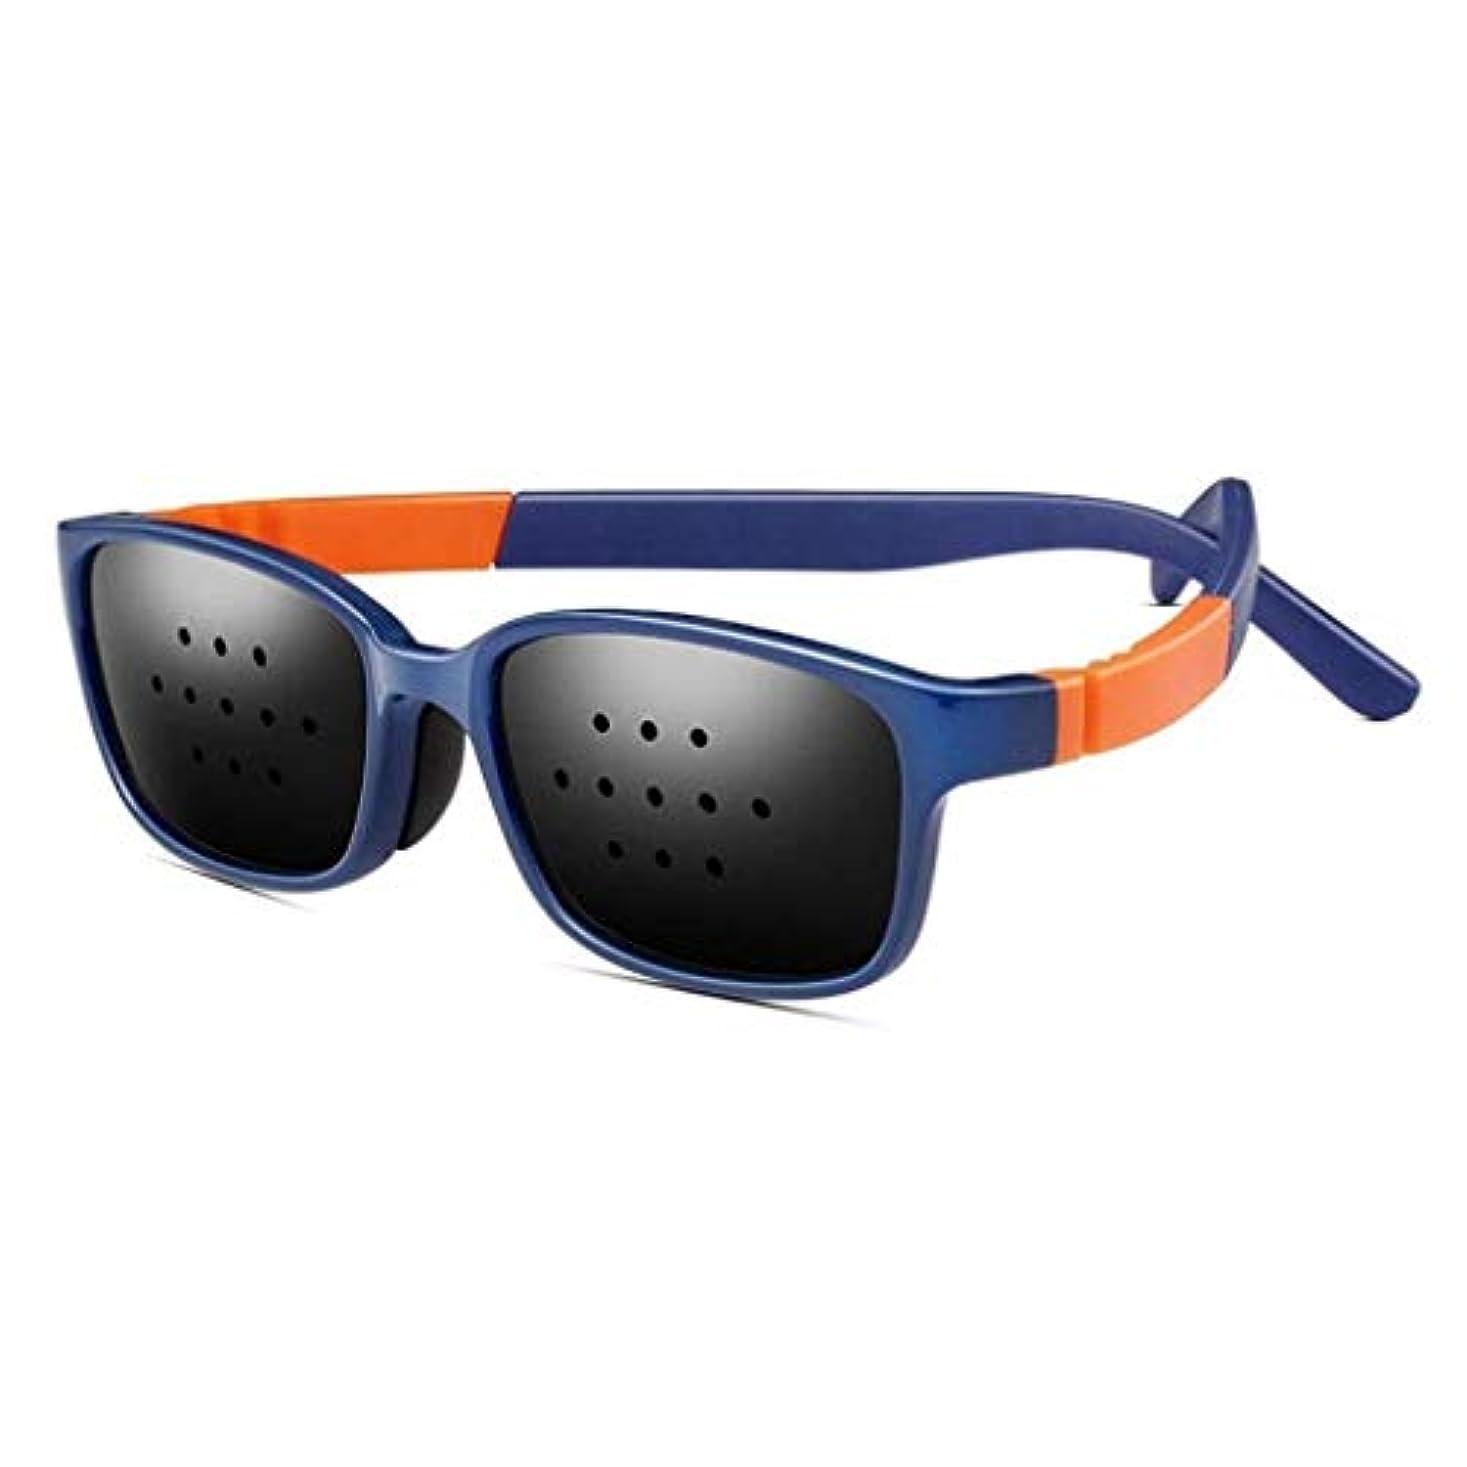 放課後刃分析ピンホールメガネ、視力矯正メガネ網状視力保護メガネ耐疲労性メガネ近視の防止メガネの改善 (Color : 青)